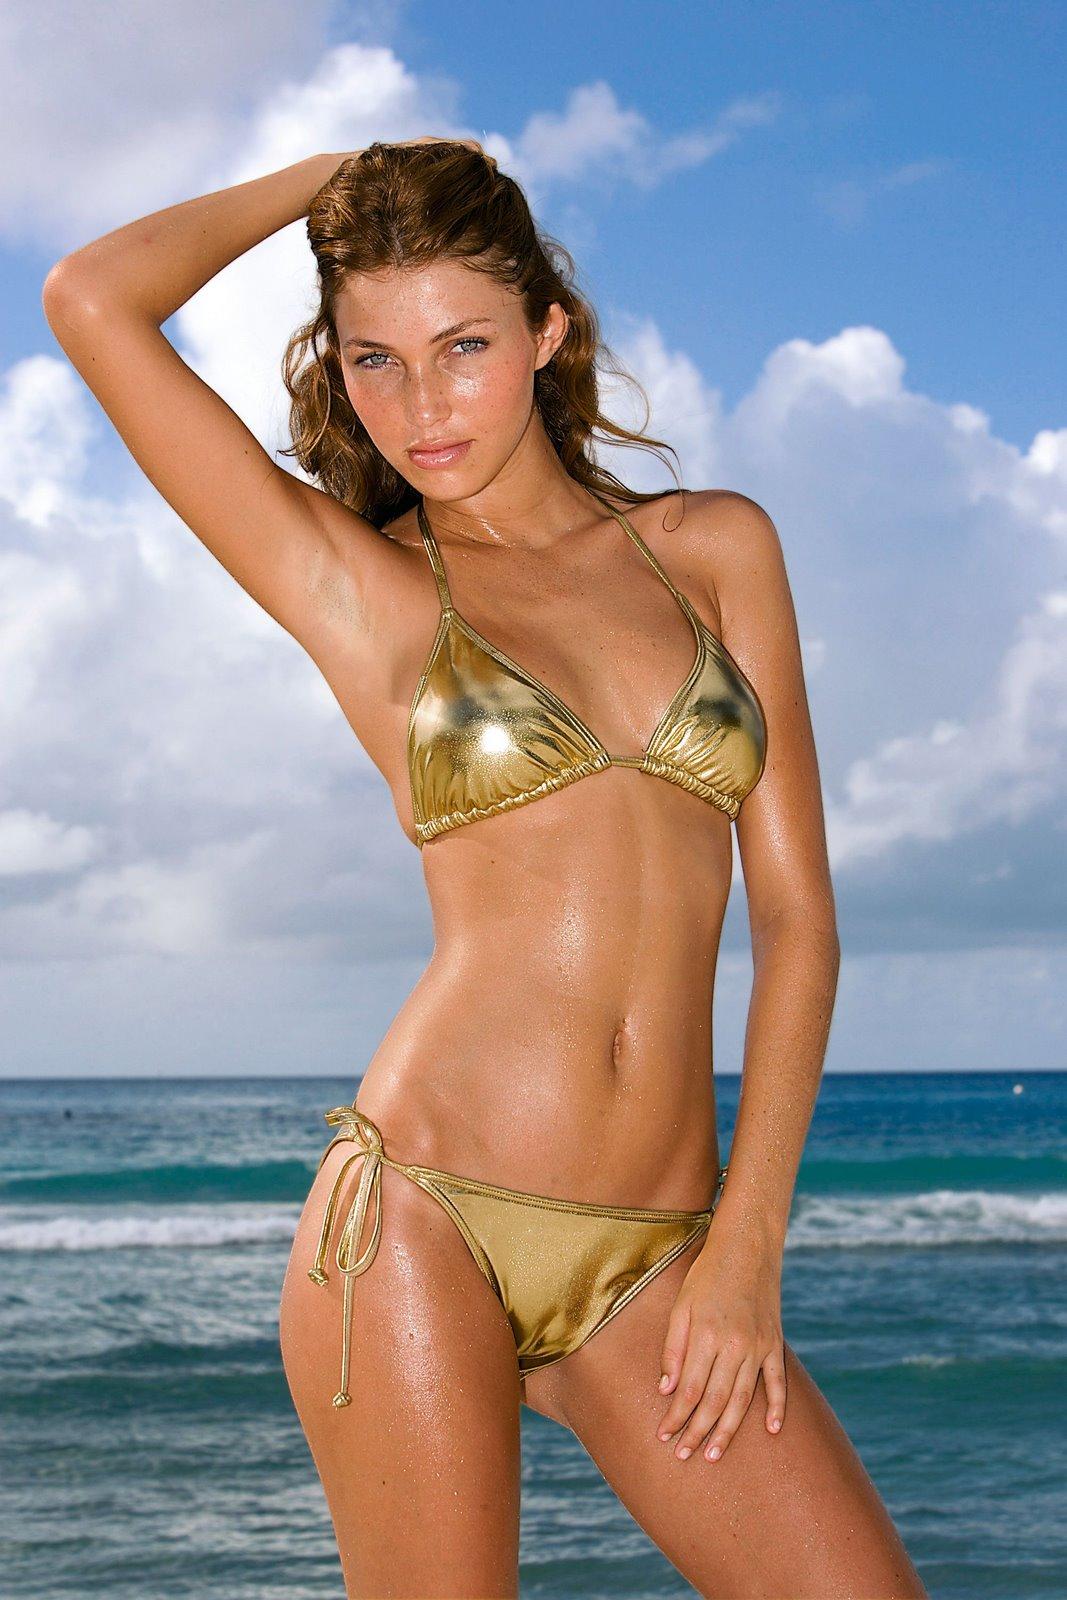 Simone Villas Boas en bikini